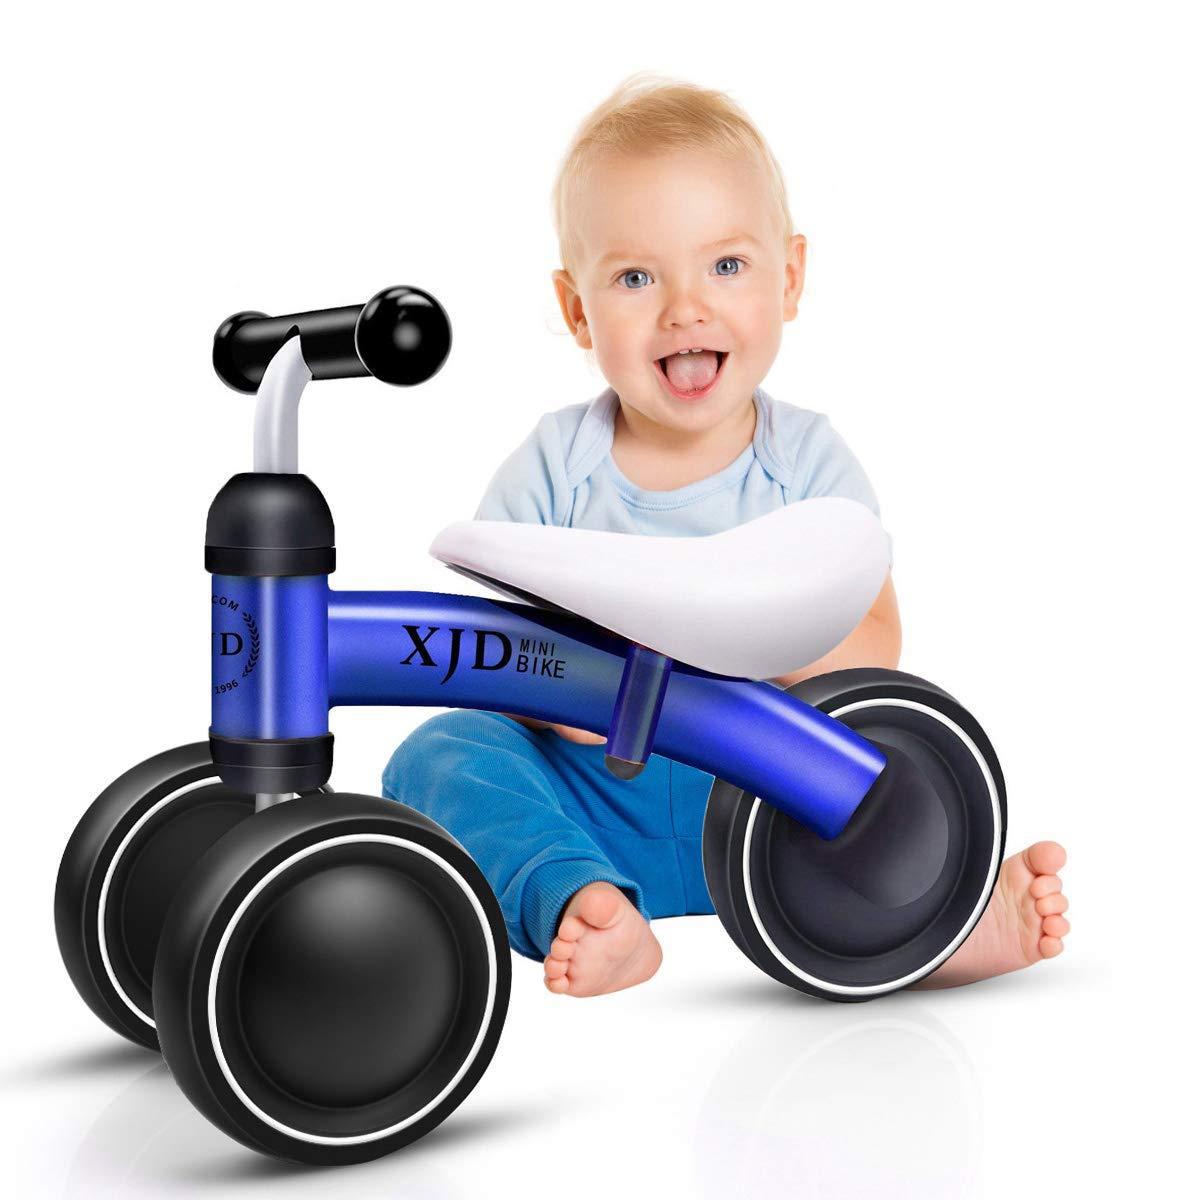 XJD Mini Trike Mini Bike For Toddlers, Kids Learn To Walk For 1-3 Years Old Kids No- Pedal 3 wheels Mini Balance Bike (Blue)